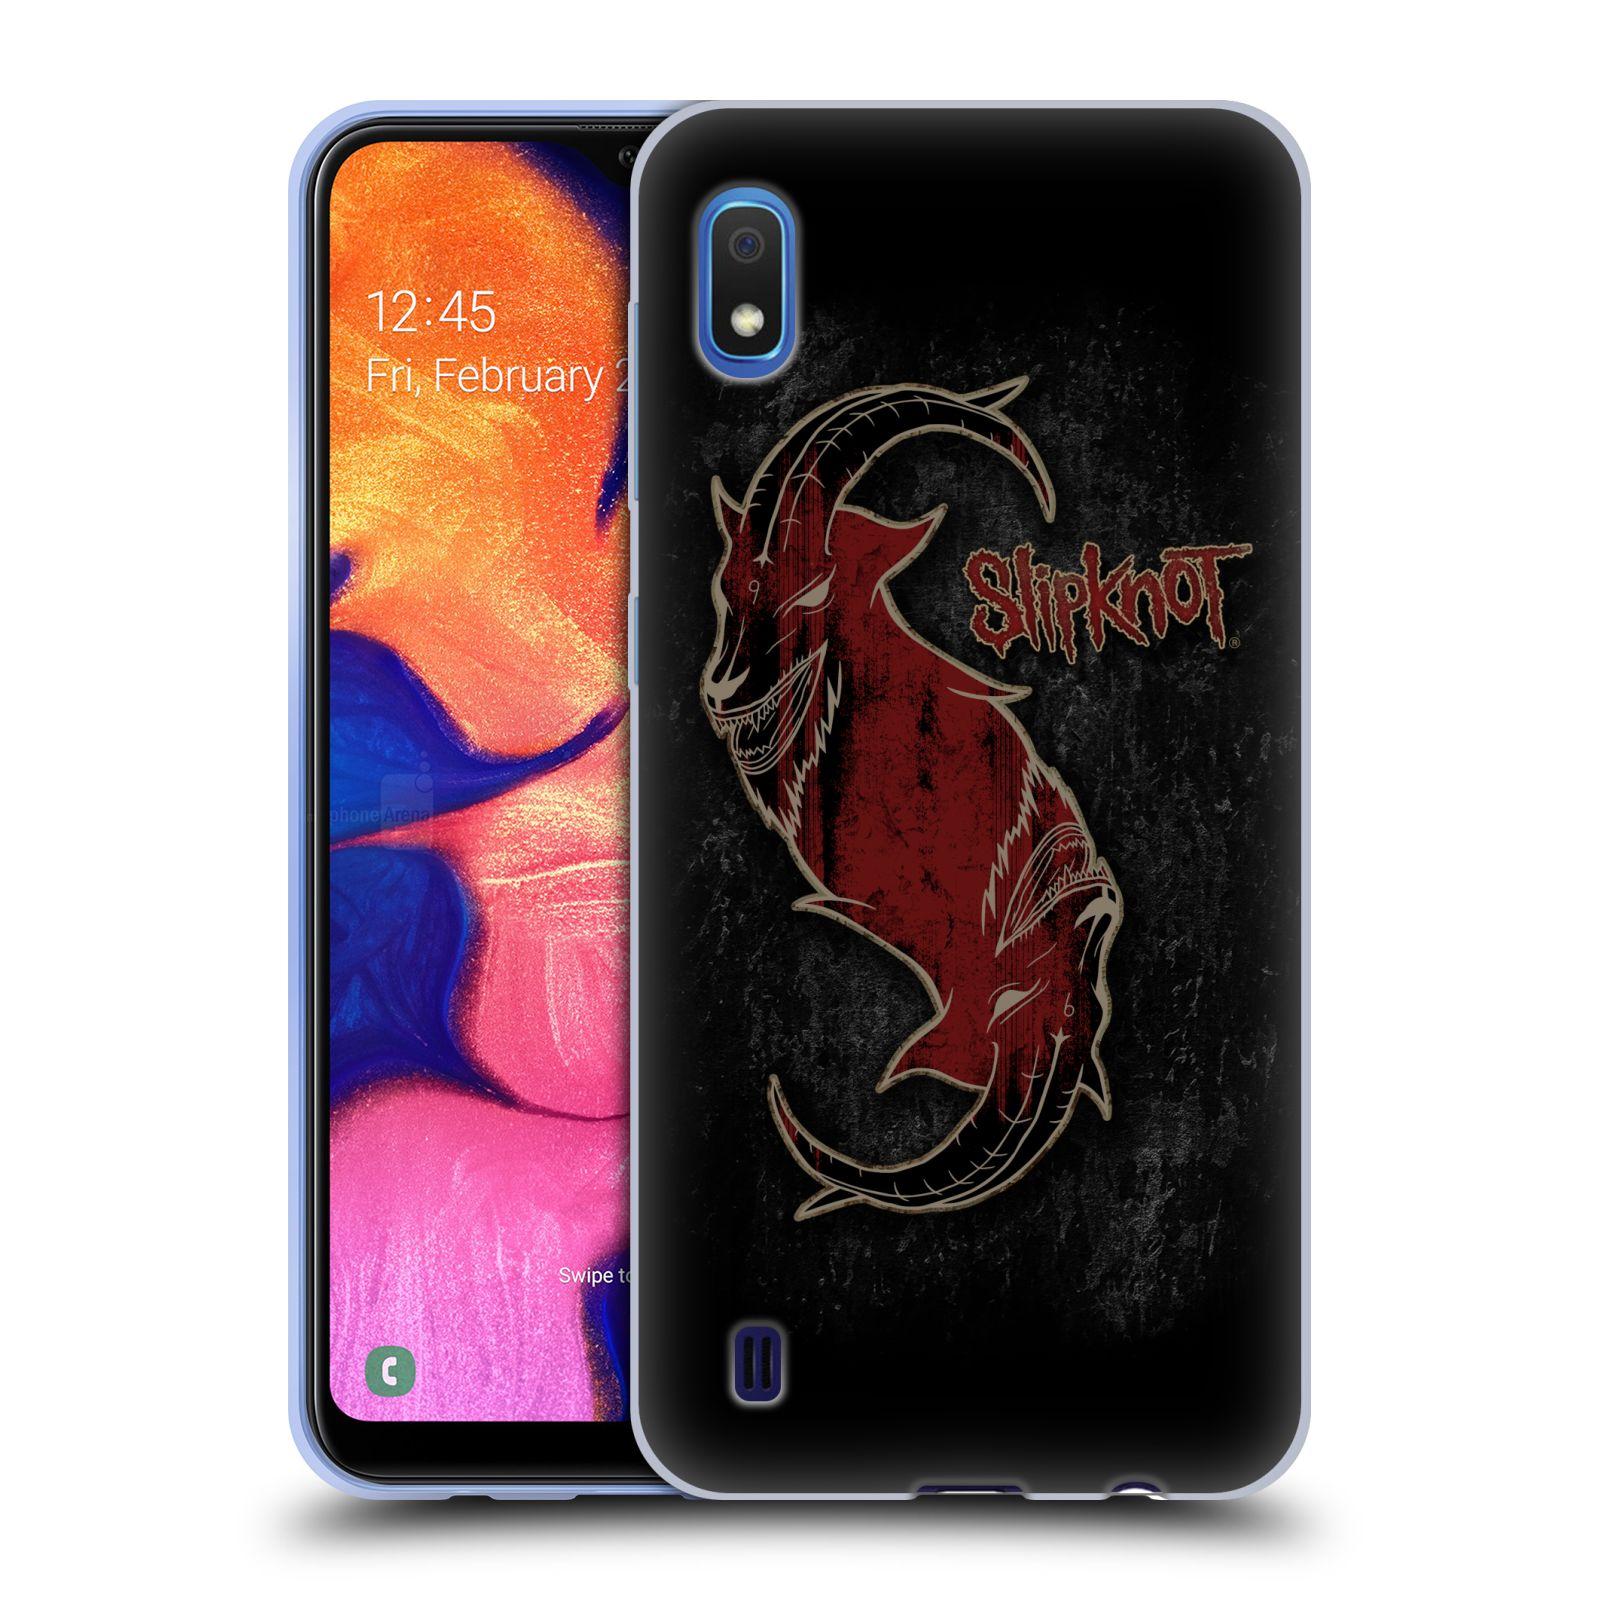 Silikonové pouzdro na mobil Samsung Galaxy A10 - Head Case - Slipknot - Rudý kozel